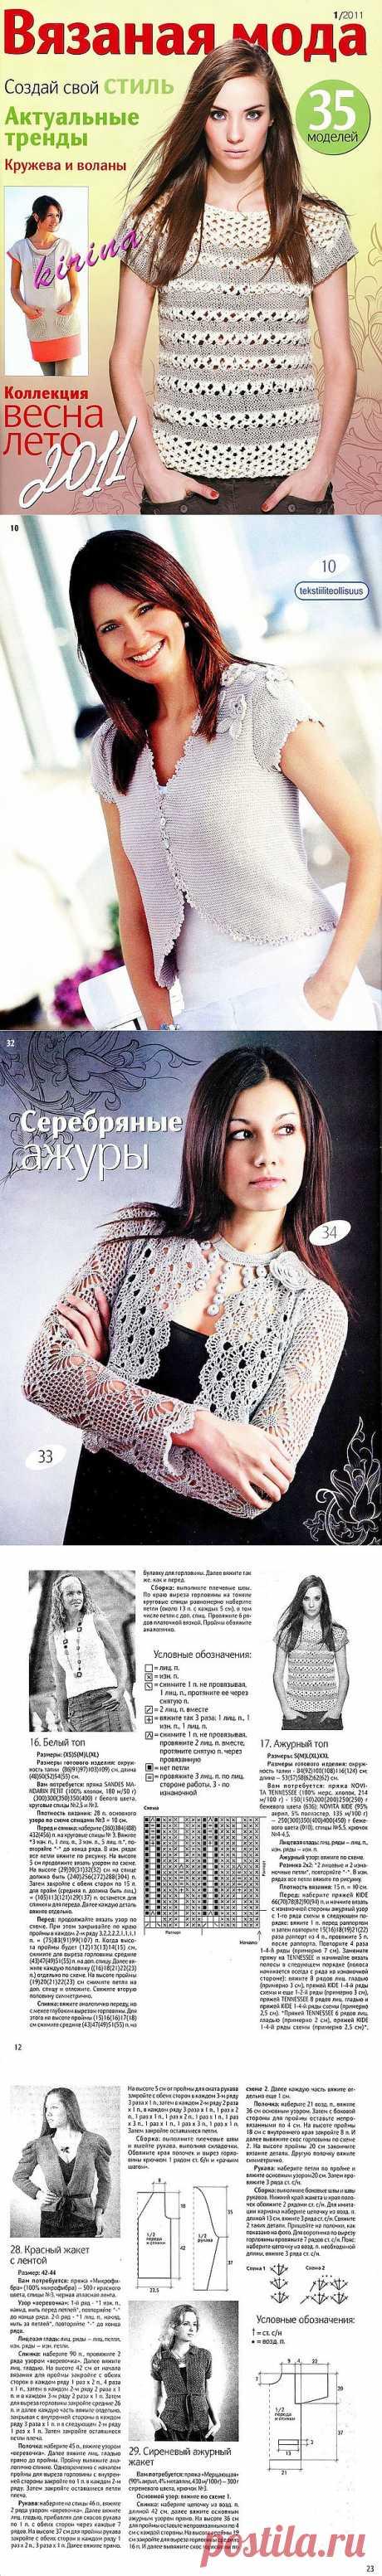 Вязаная мода - mad1959— я.ру